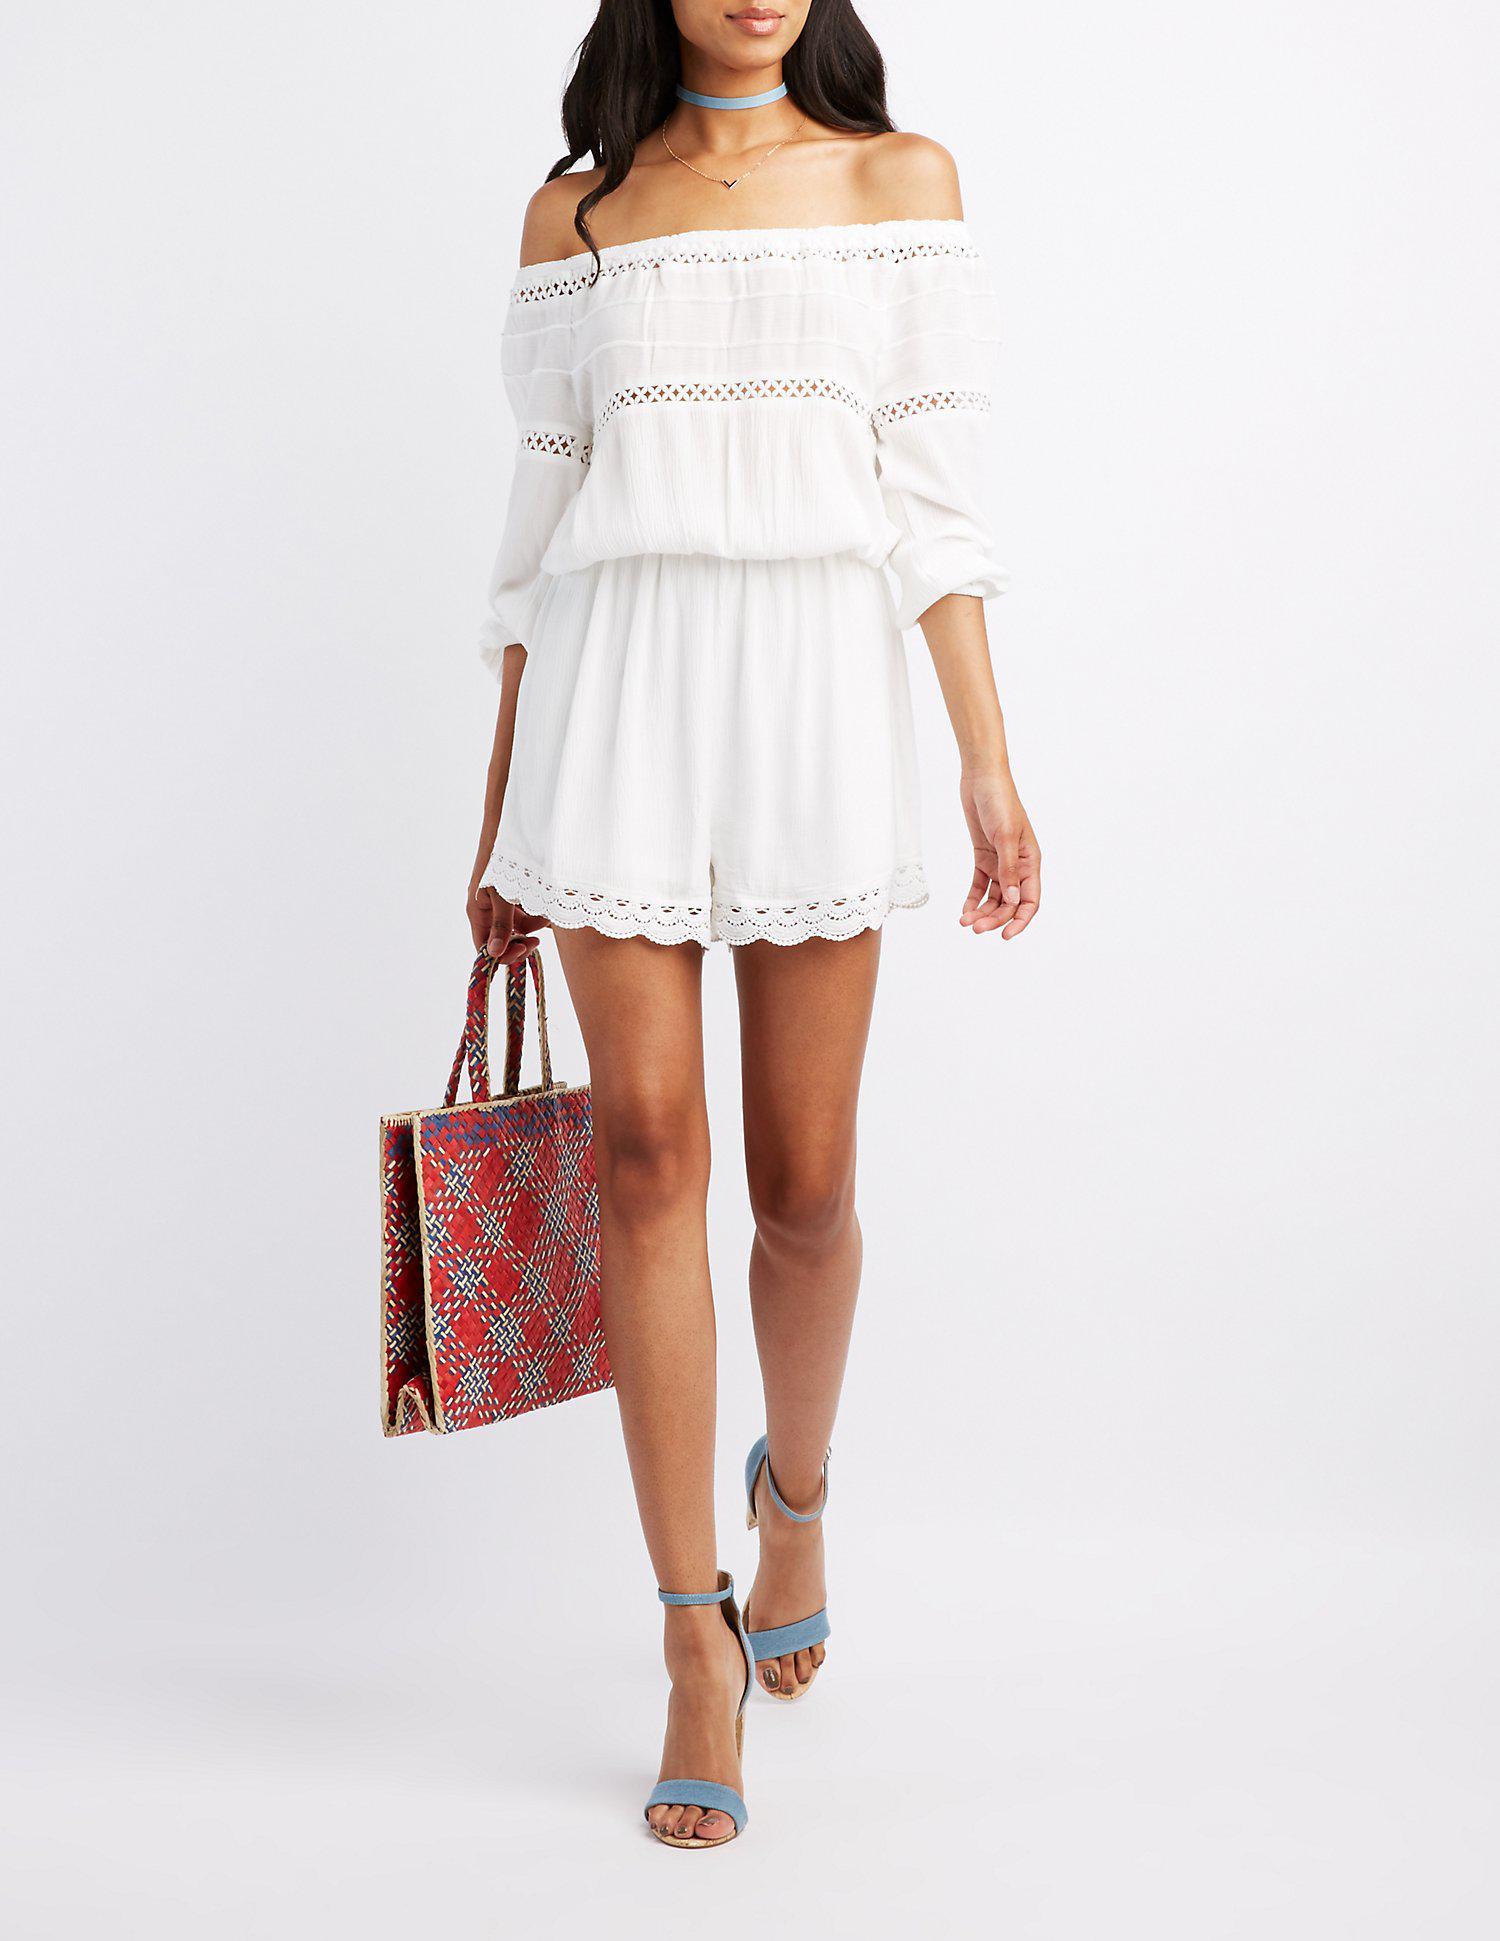 7e79a54a44a2 Lyst - Charlotte Russe Crochet-trim Off-the-shoulder Romper in White